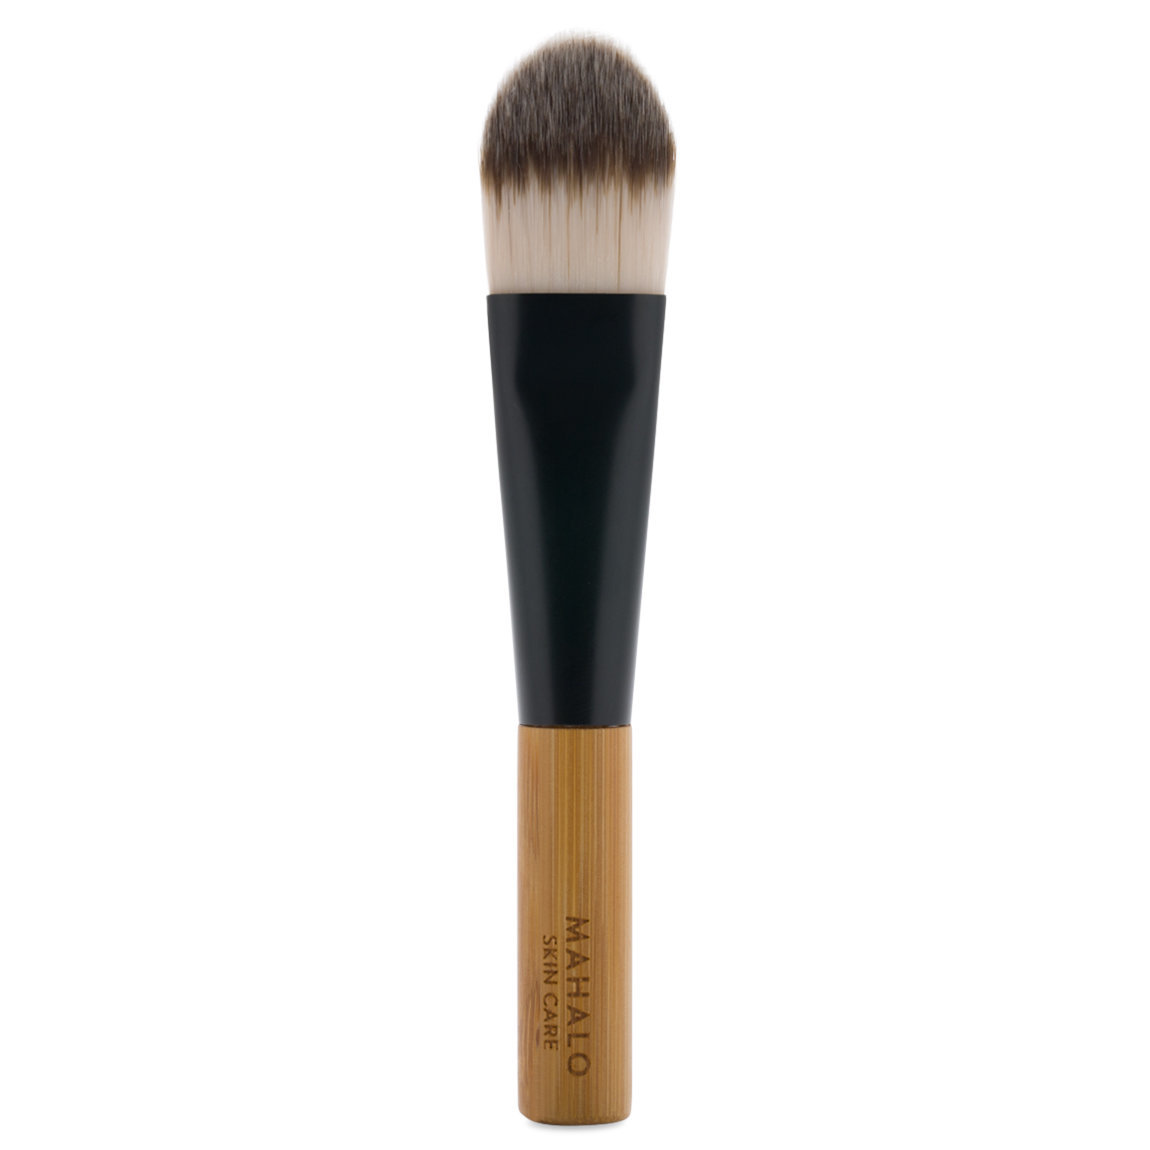 MAHALO Skin Care The Vegan Treatment Brush